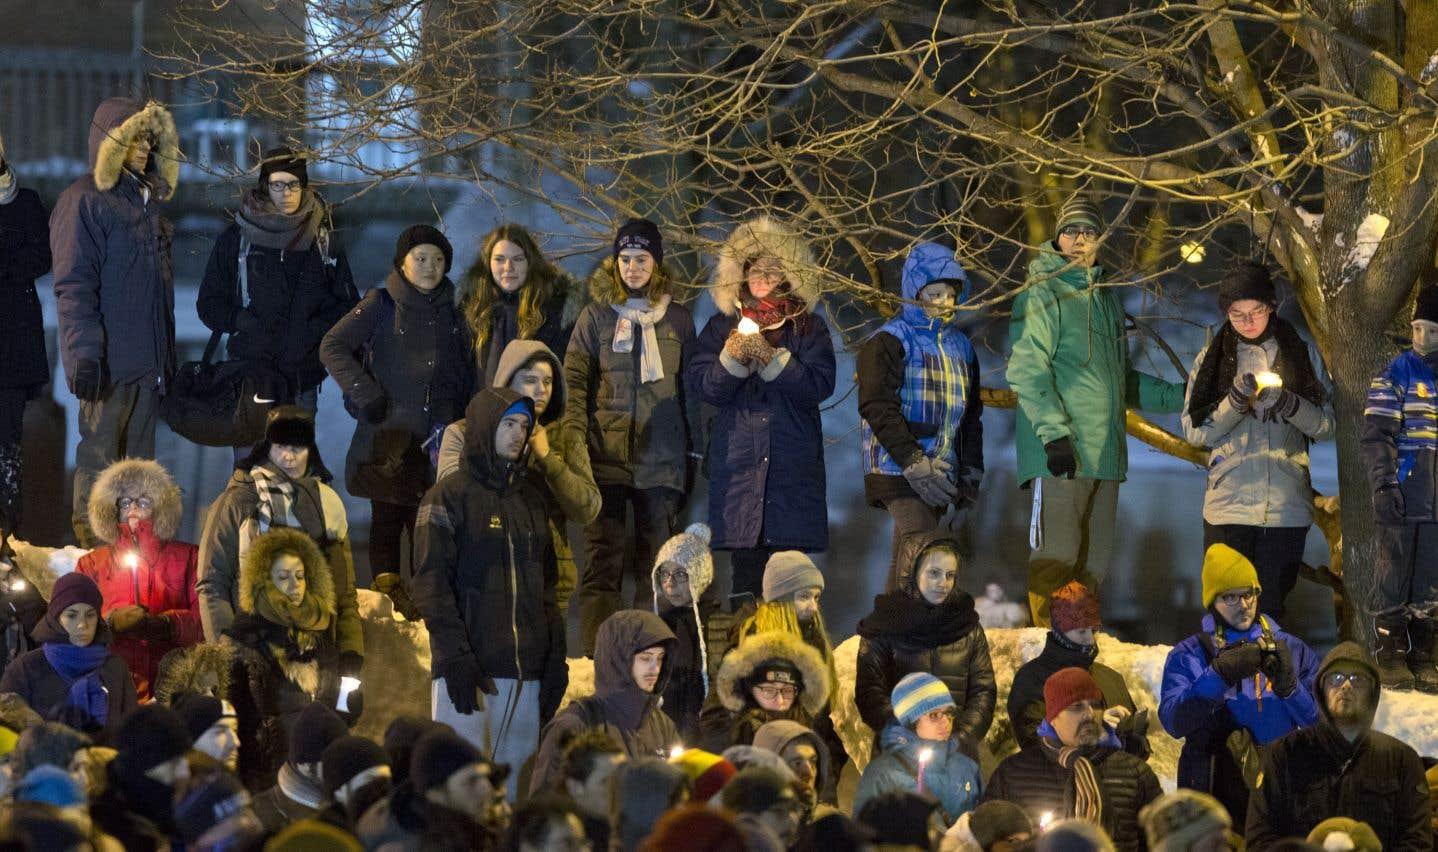 Un an après l'attentat de Québec, les liens tissés se relâchent